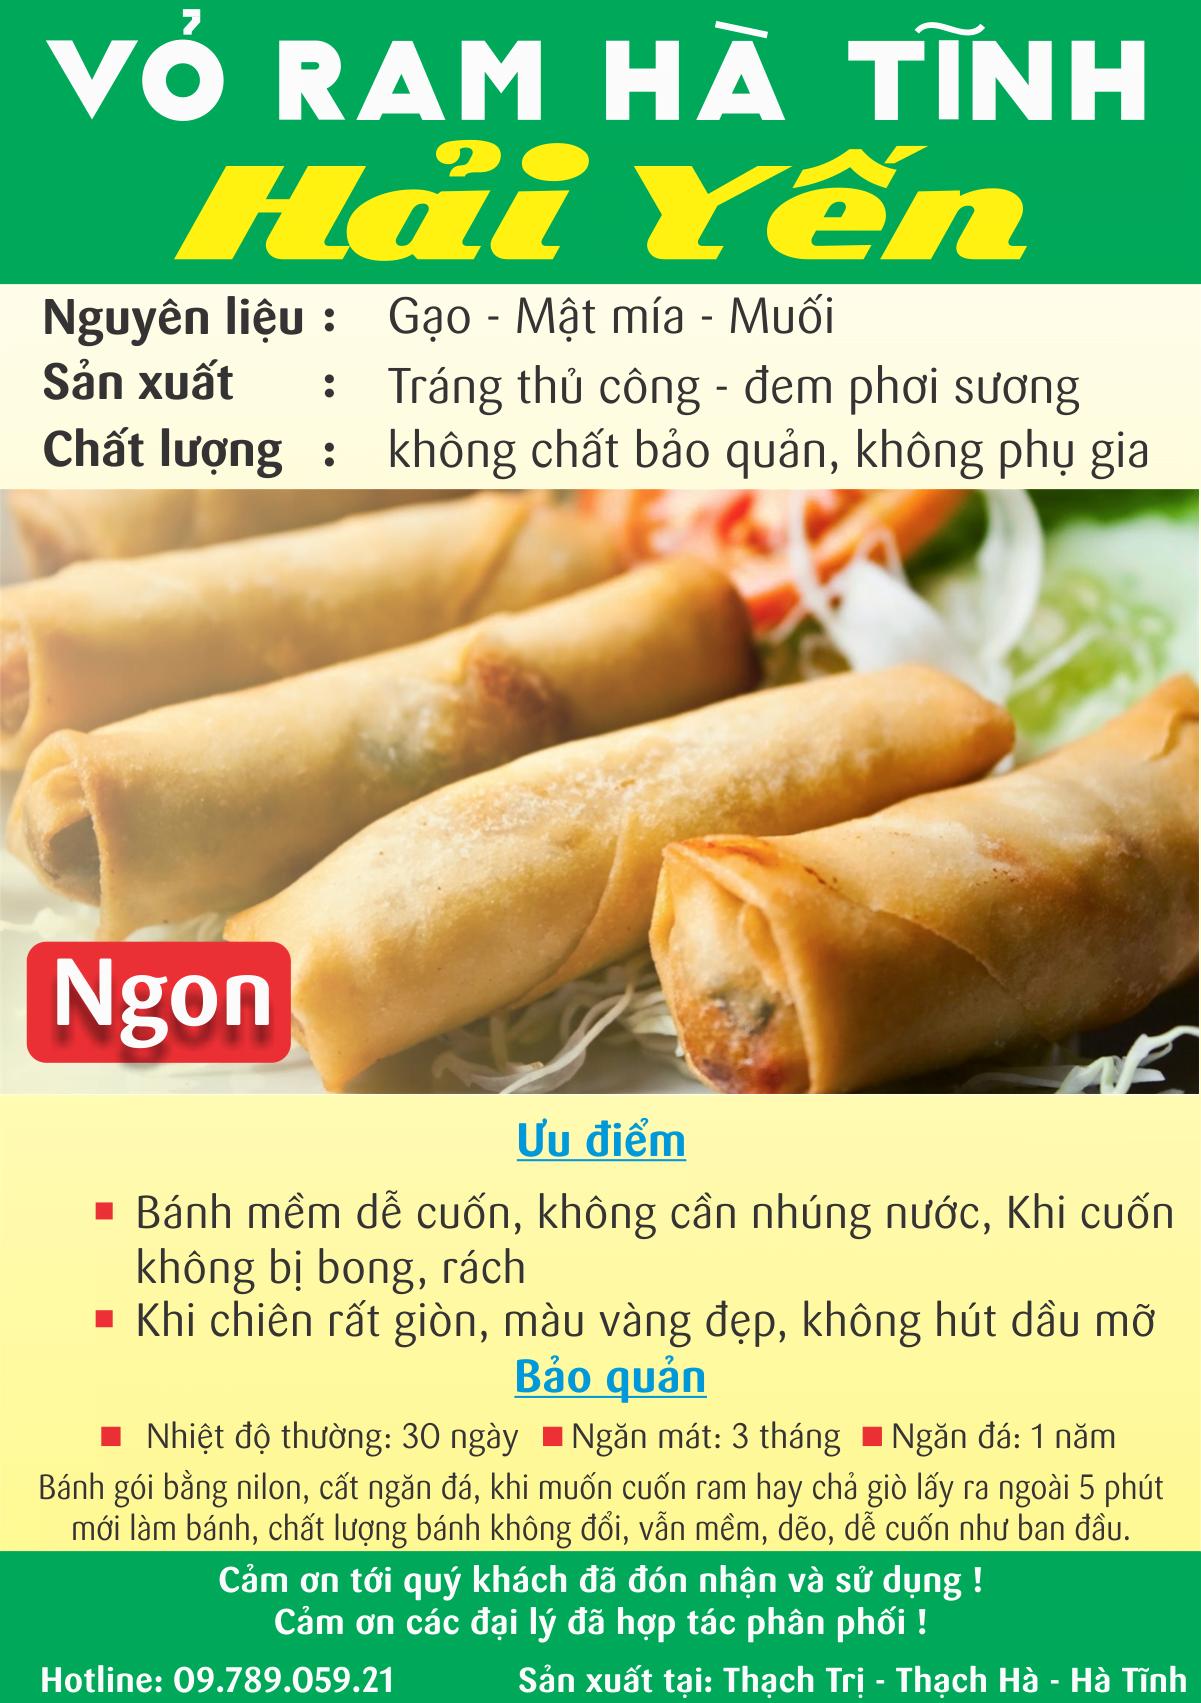 Vỏ ram Hà Tĩnh TPHCM của shop Hải Yến